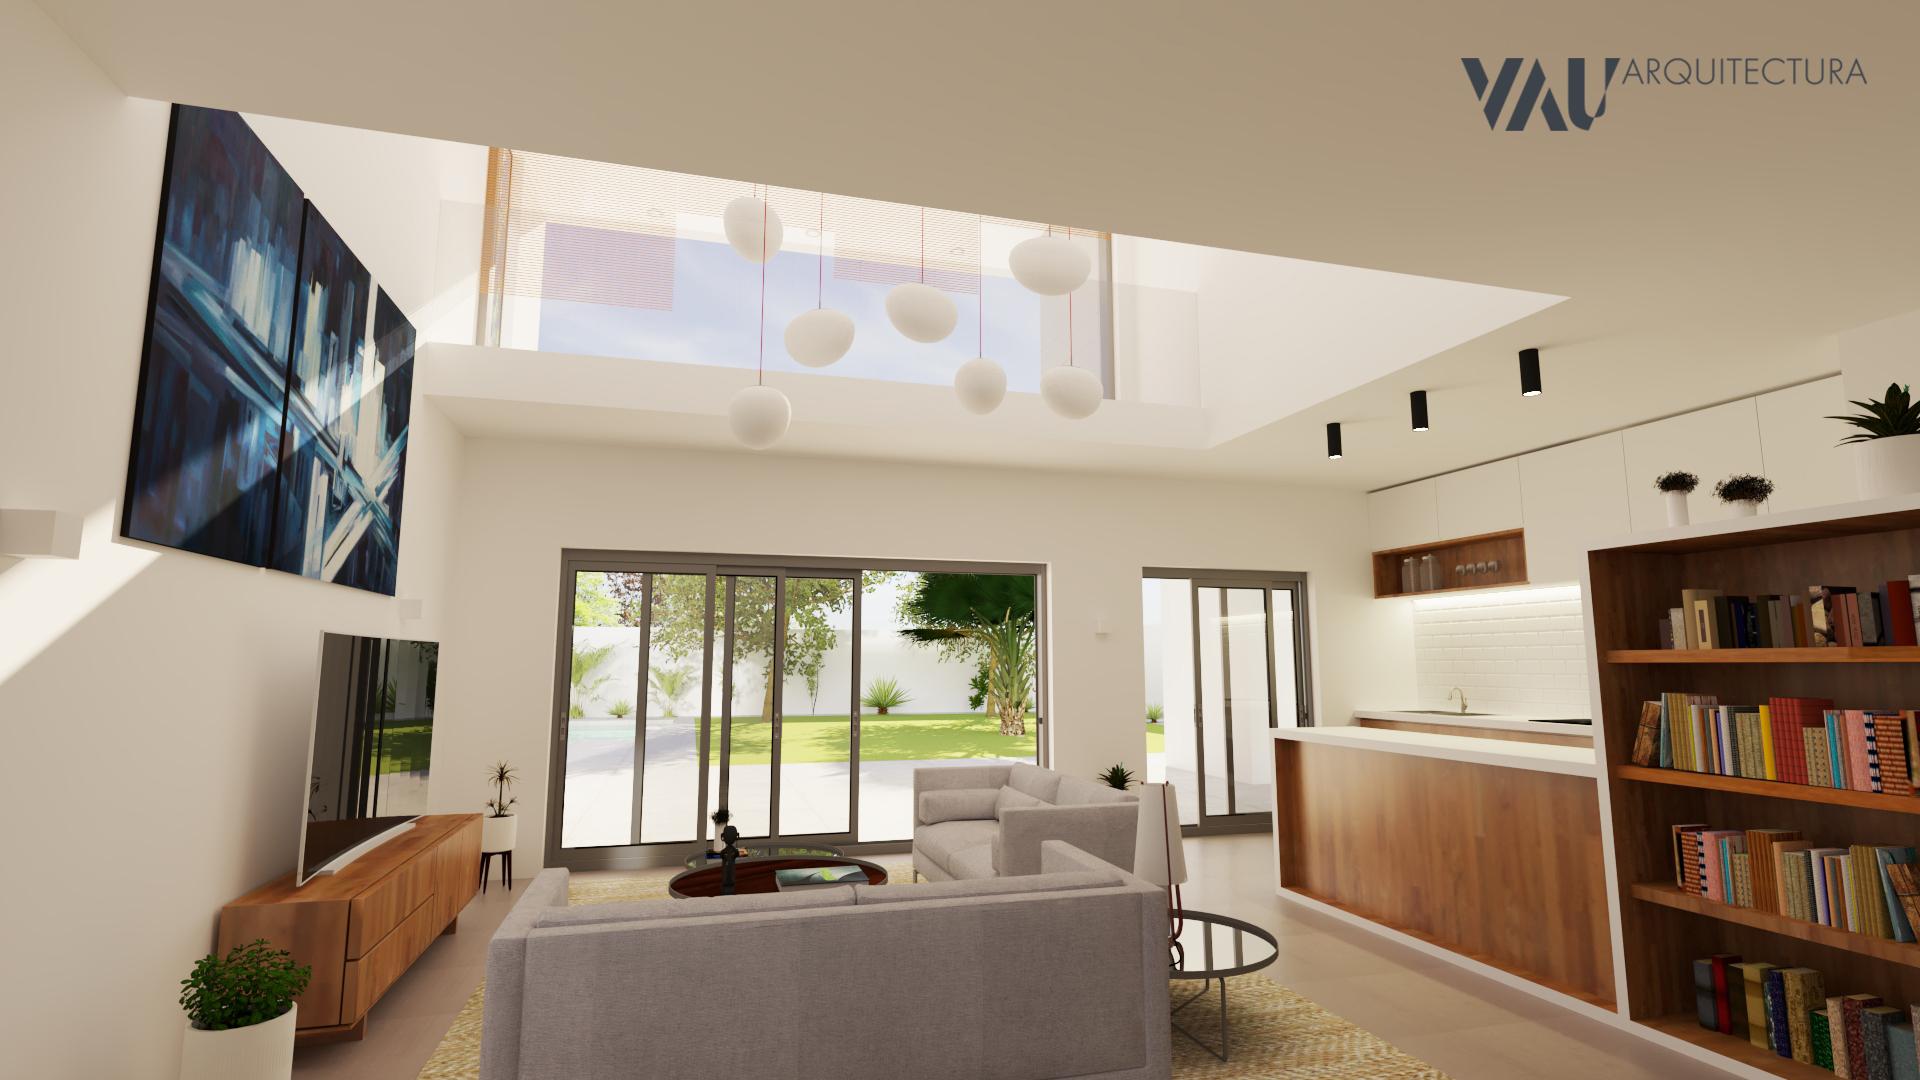 Diseño interior Casa unifamiliar.